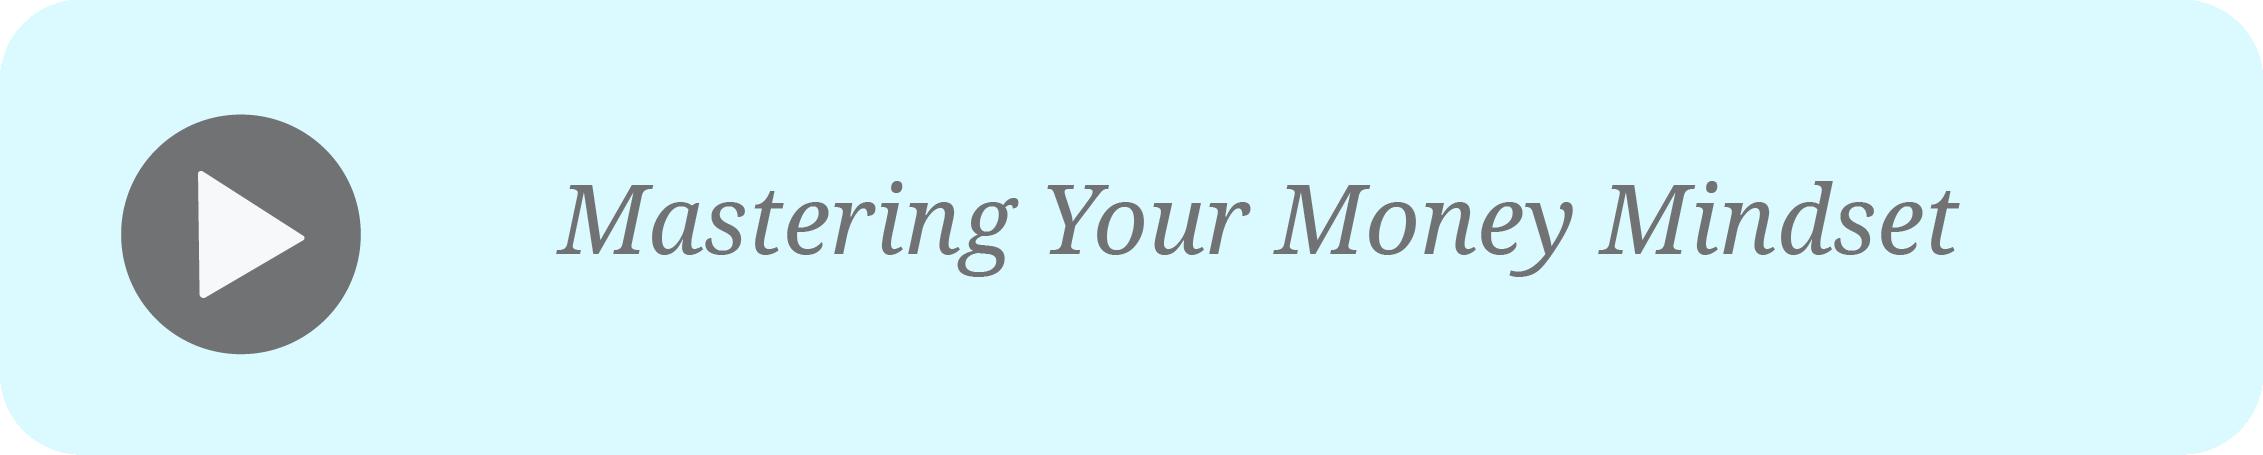 0.0 Mastering Money Mindset.png